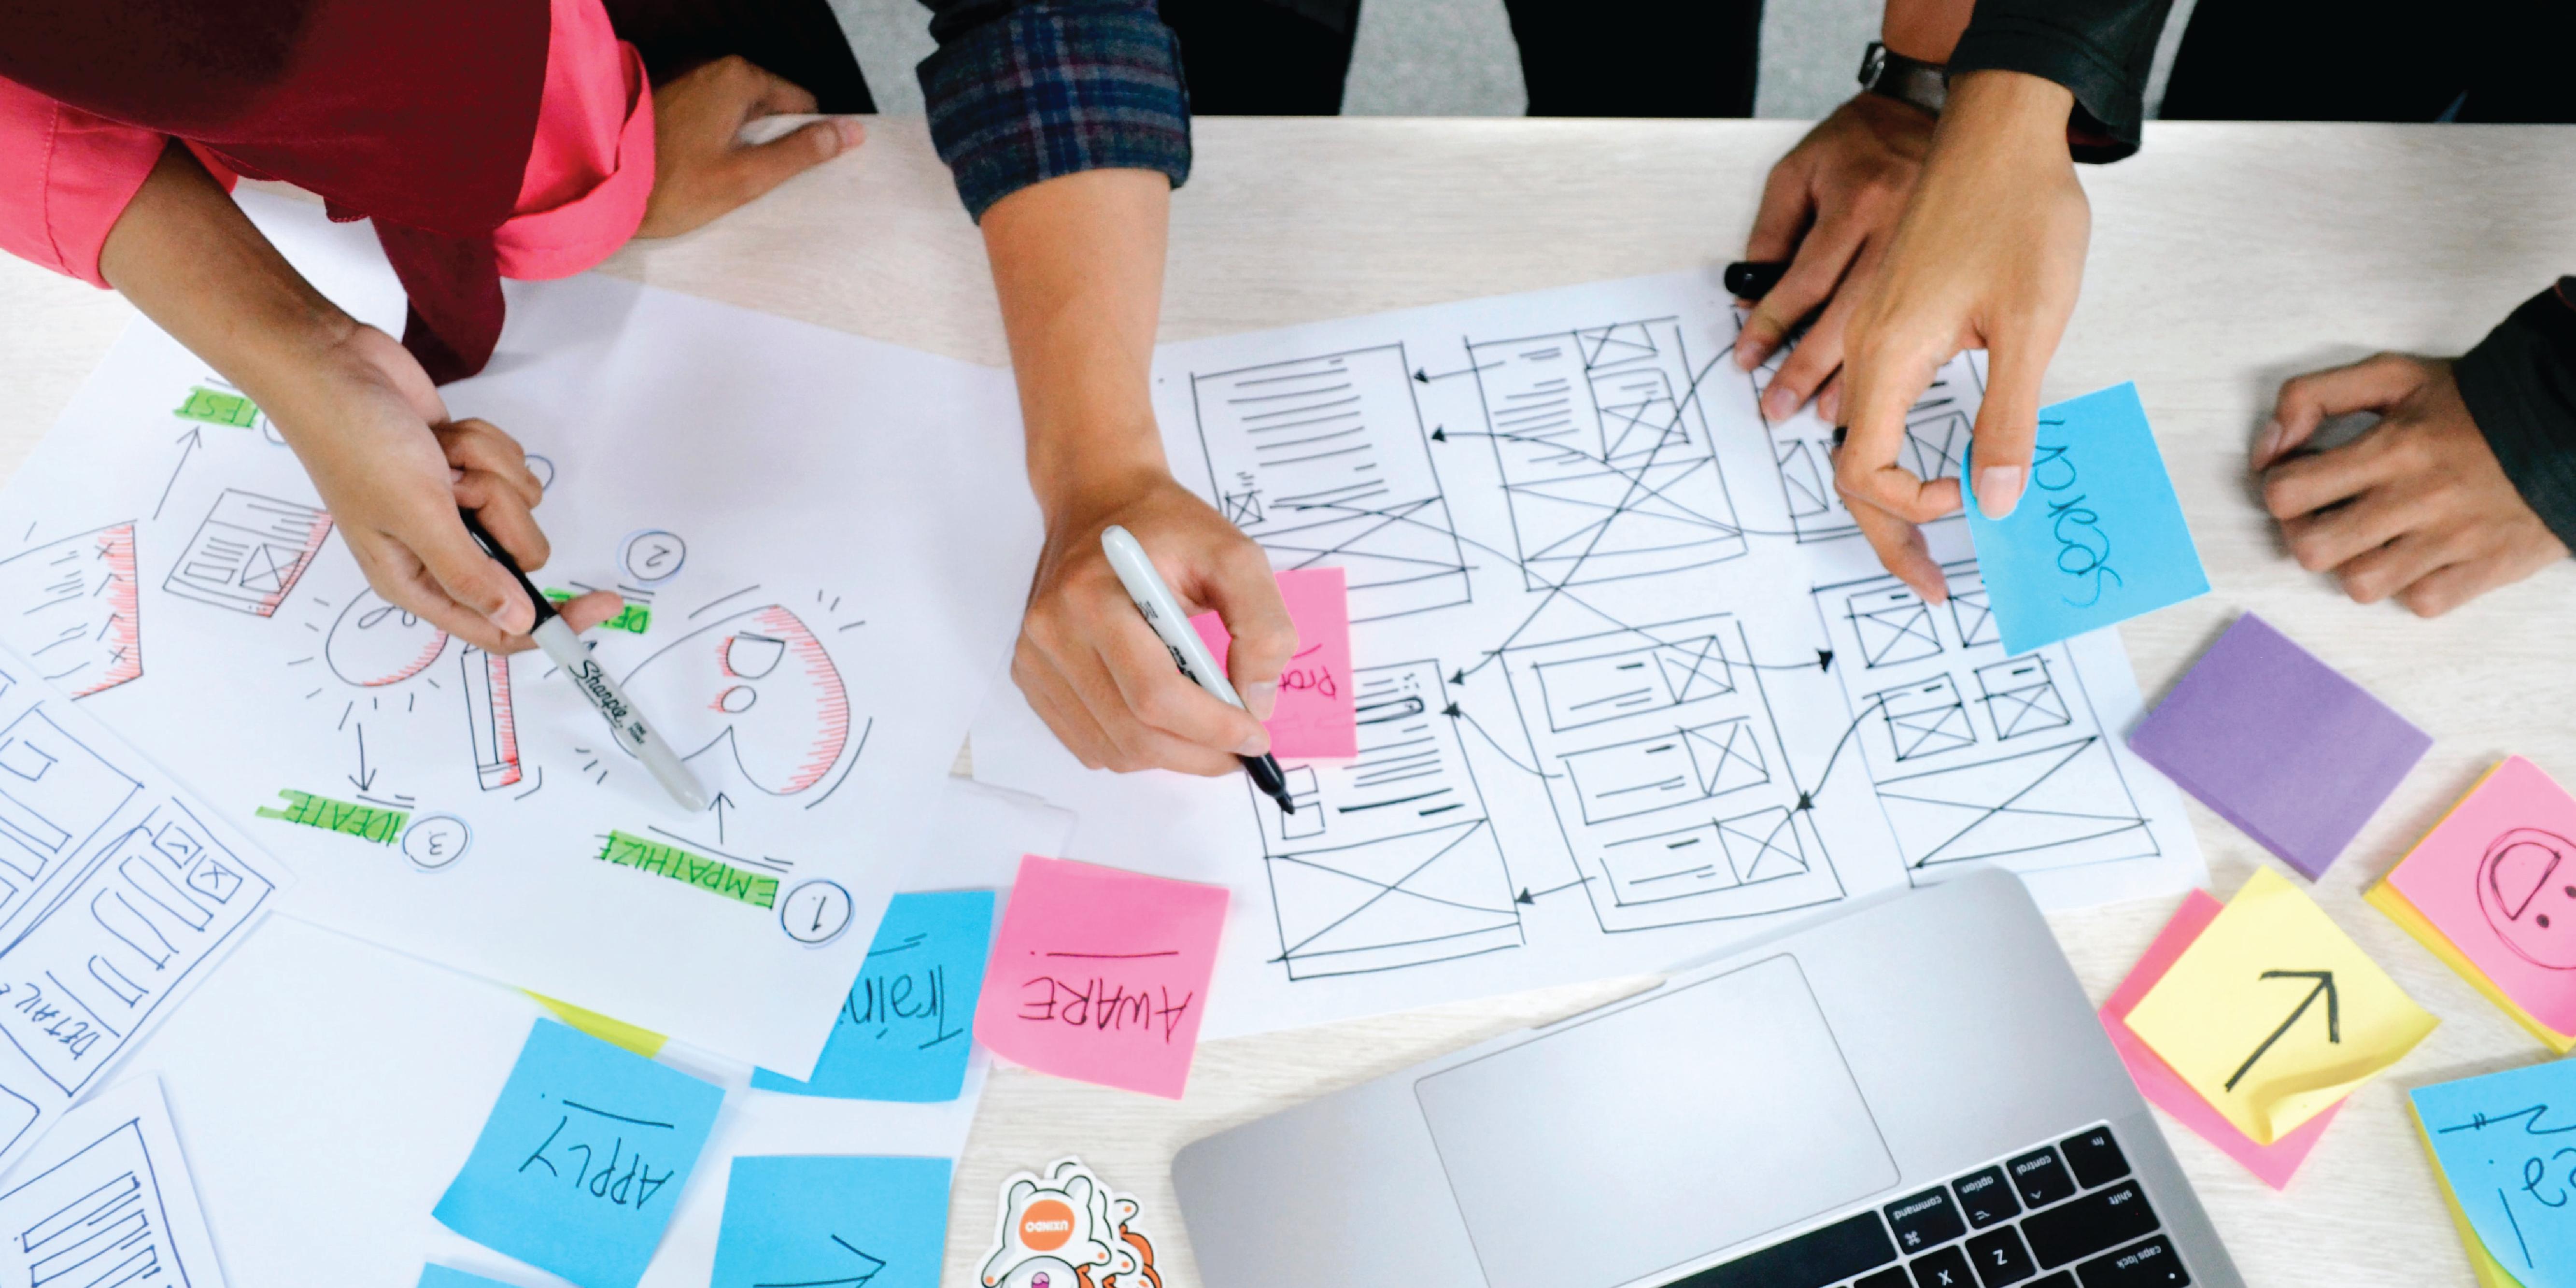 Comment les meilleurs programmes d'insights renforcent la customer centricité